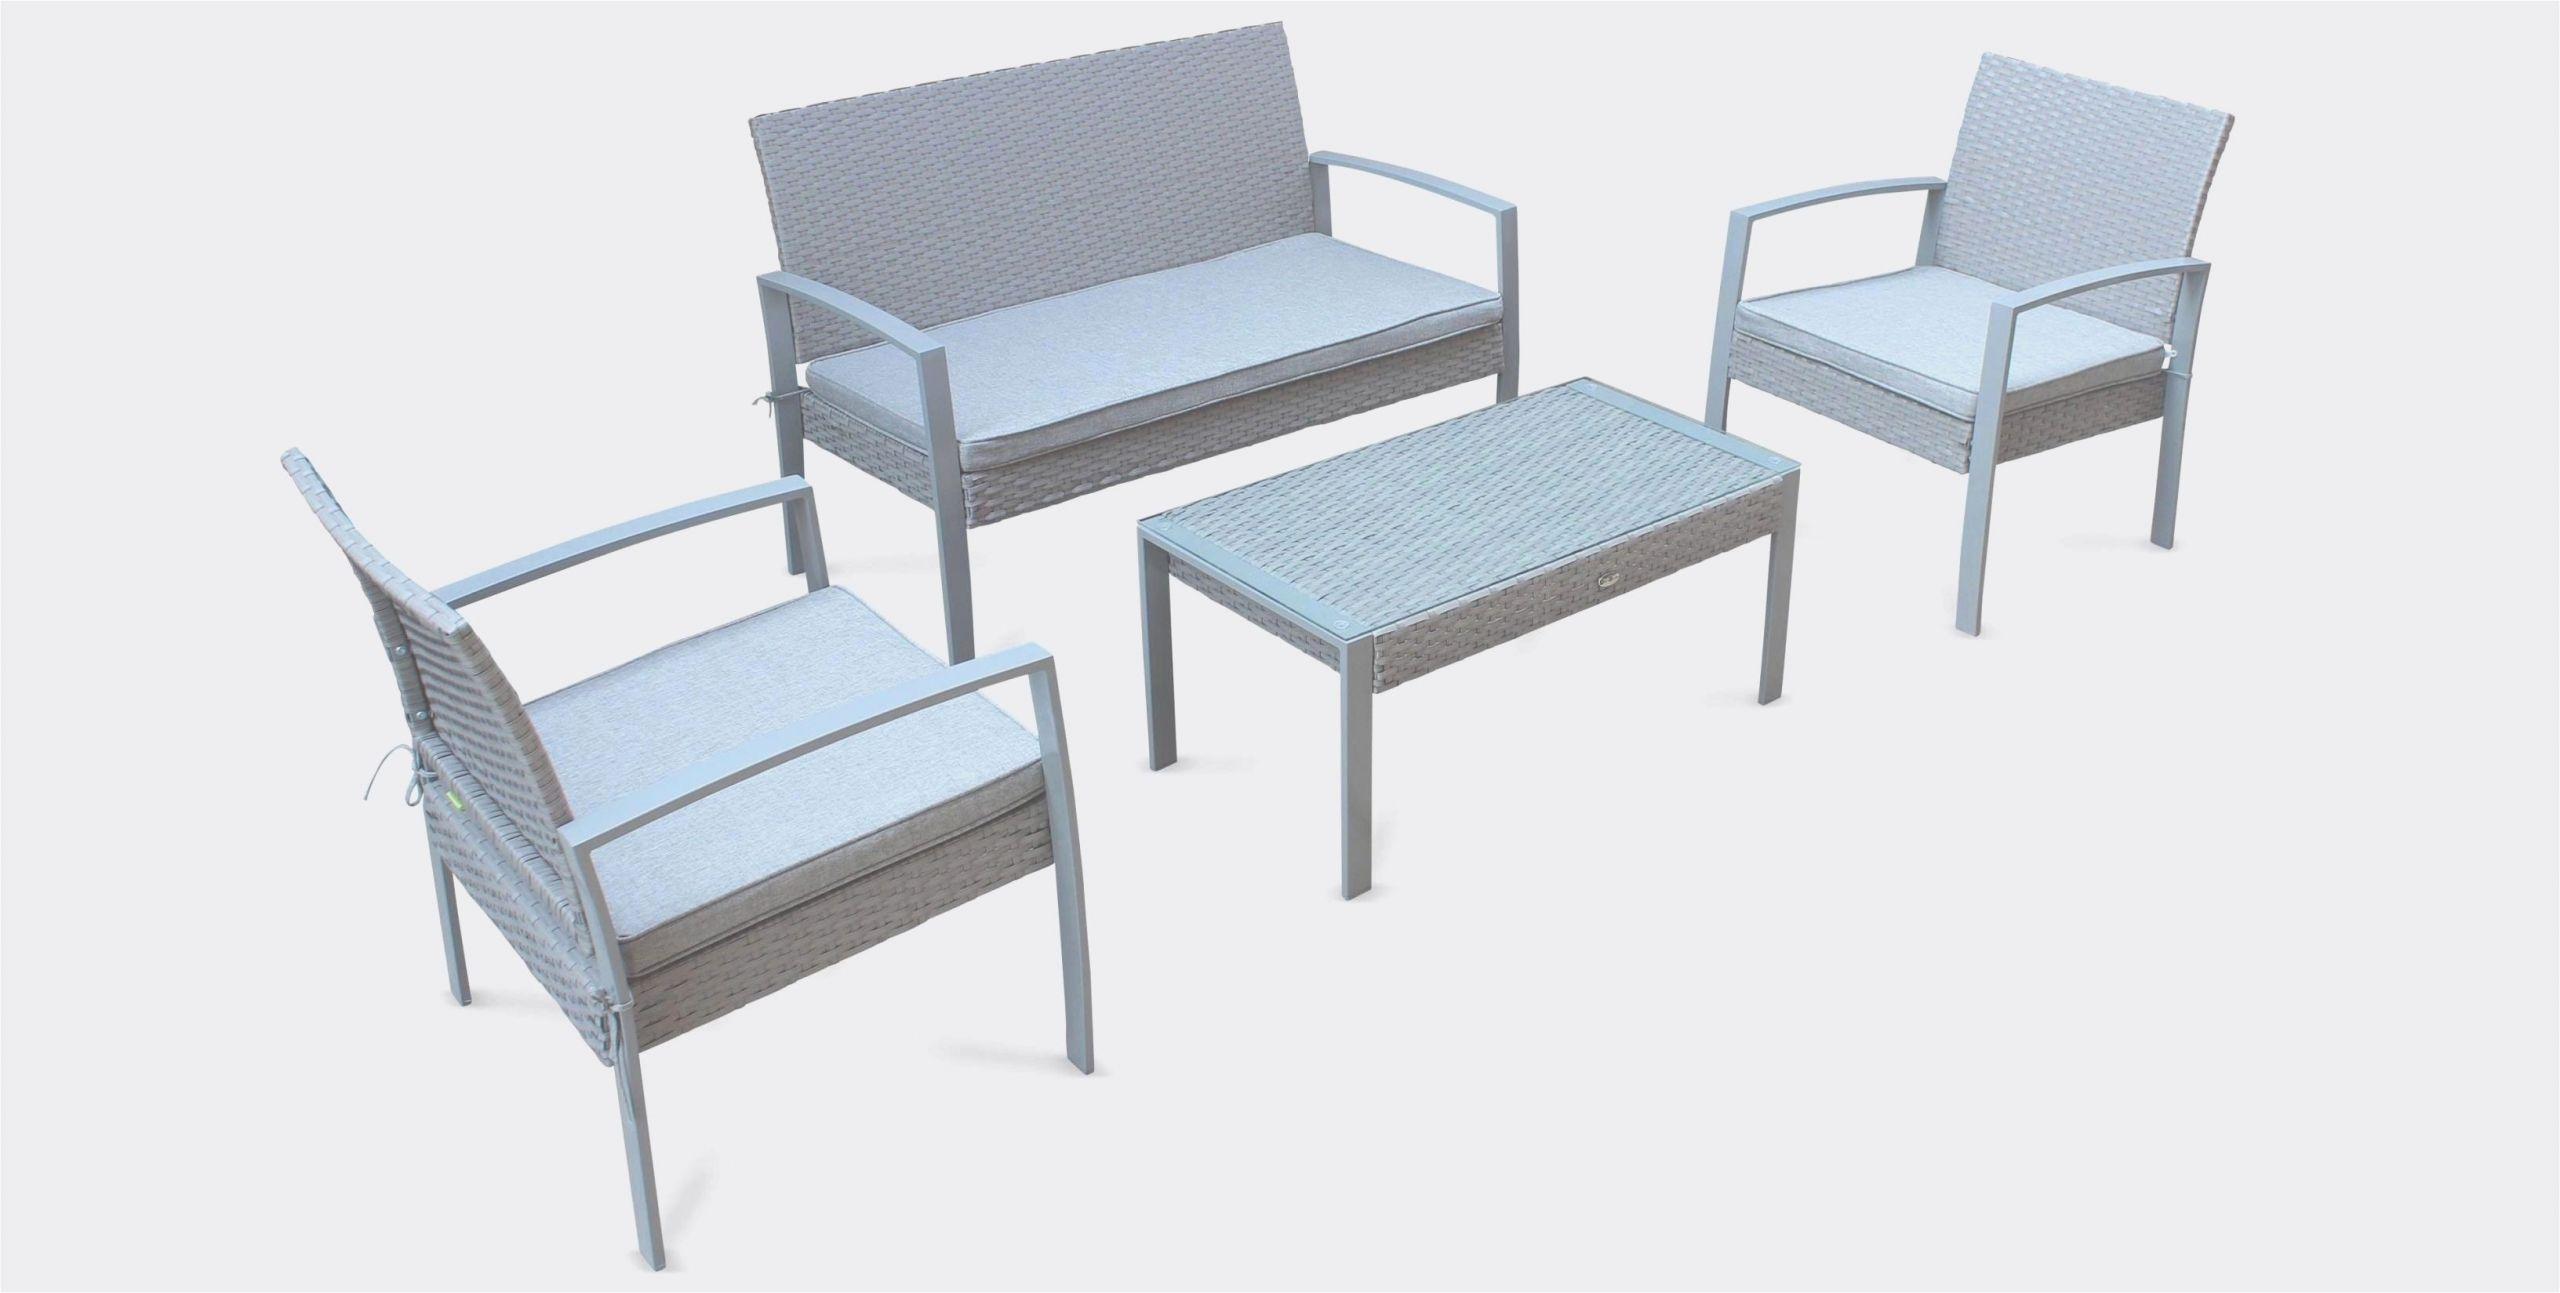 bar de terrasse exterieur frais fabriquer un salon de jardin en bois inspire luxe fabriquer de bar de terrasse exterieur scaled